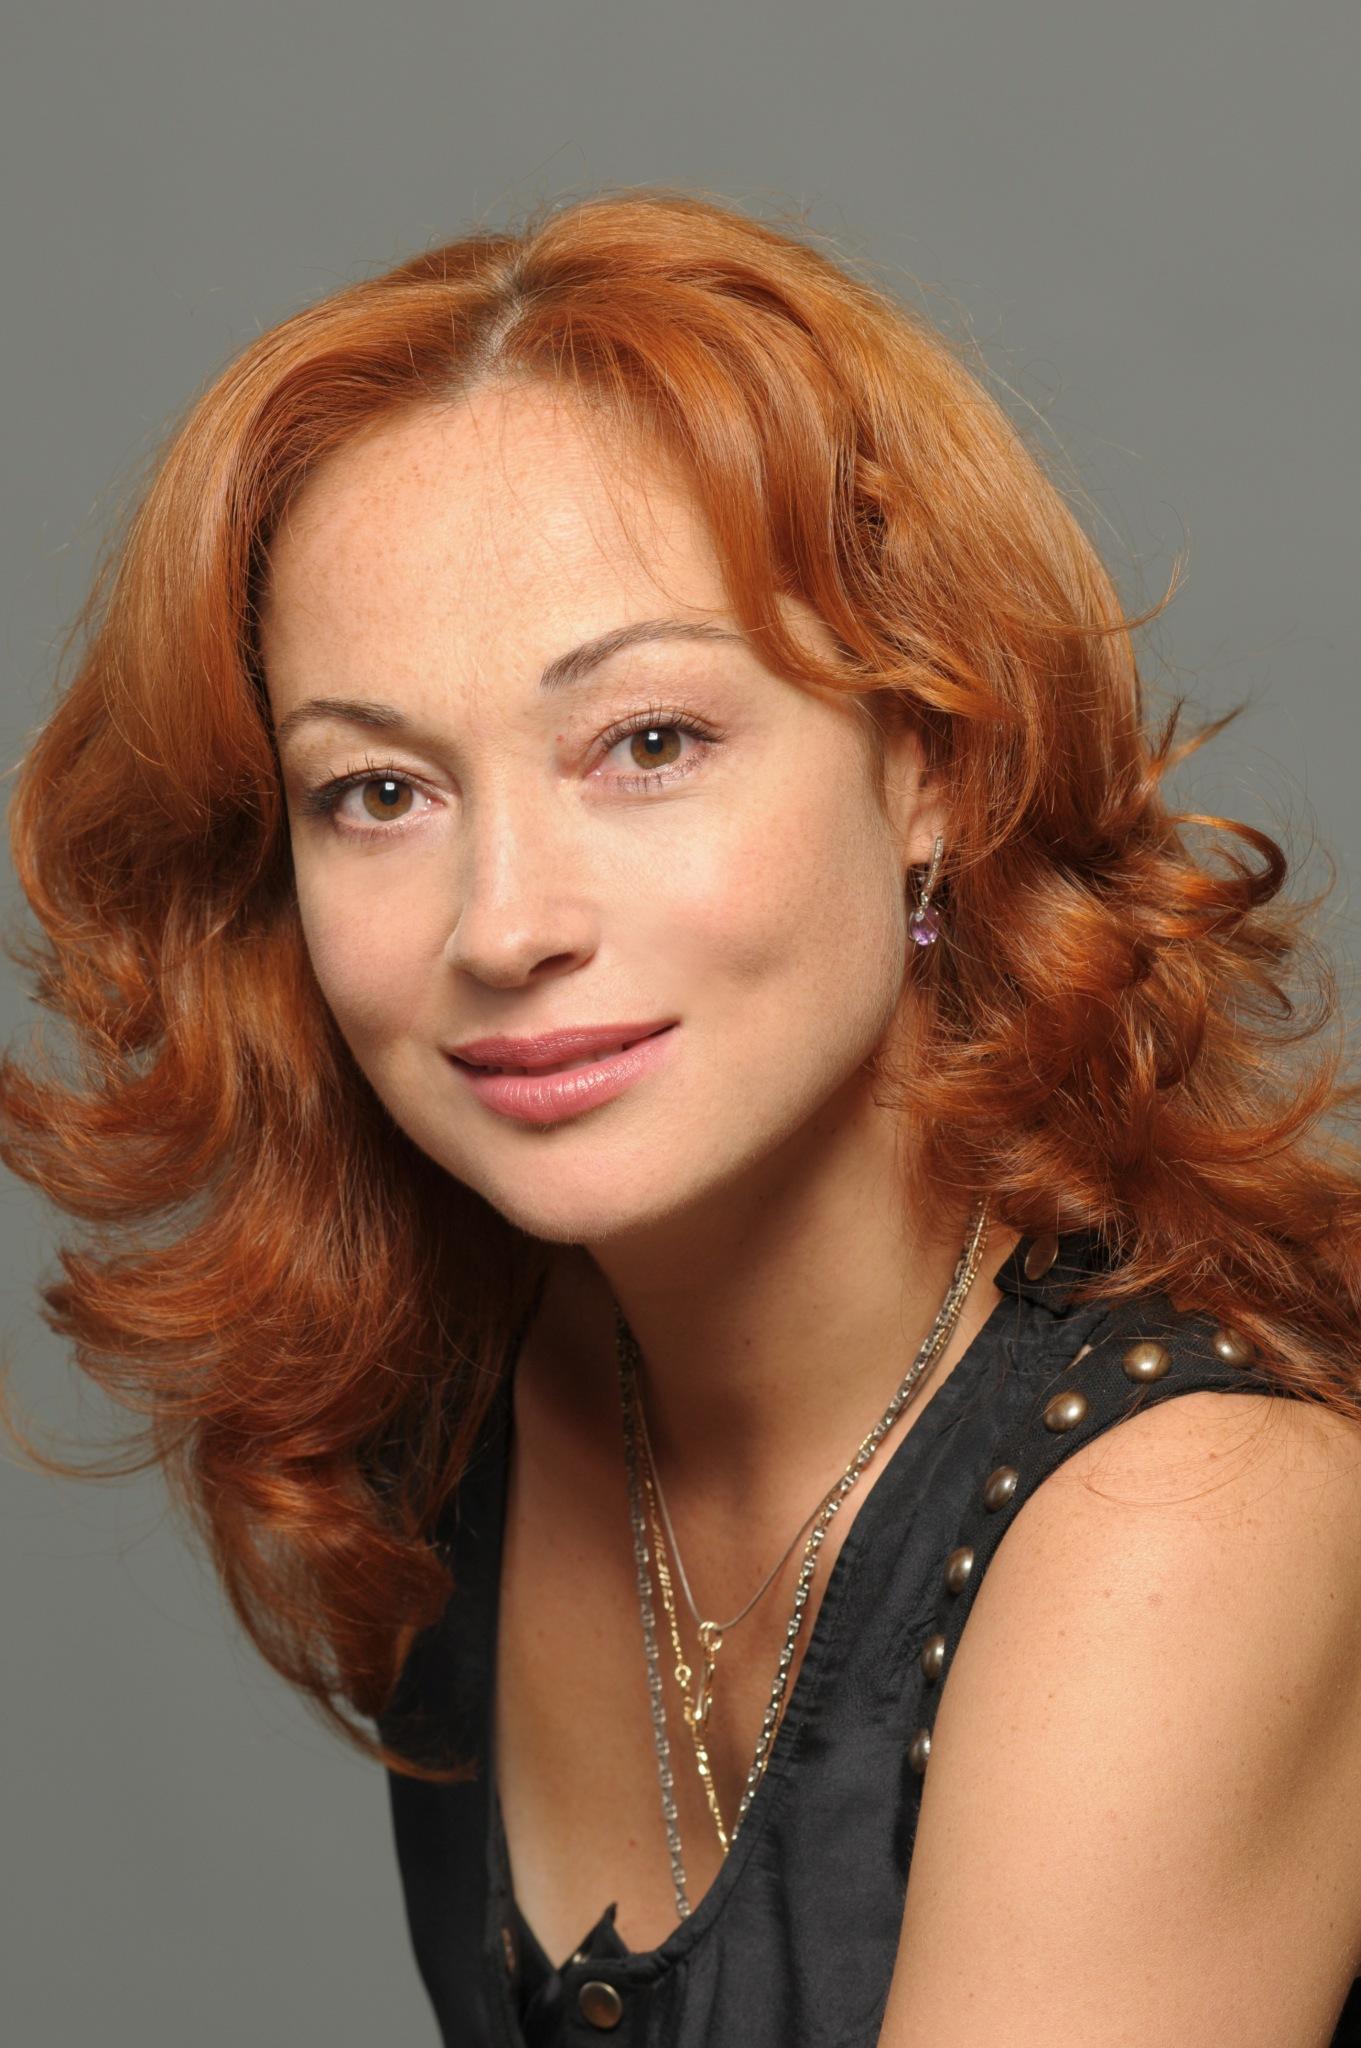 Смотреть фото актрисы россии 3 фотография